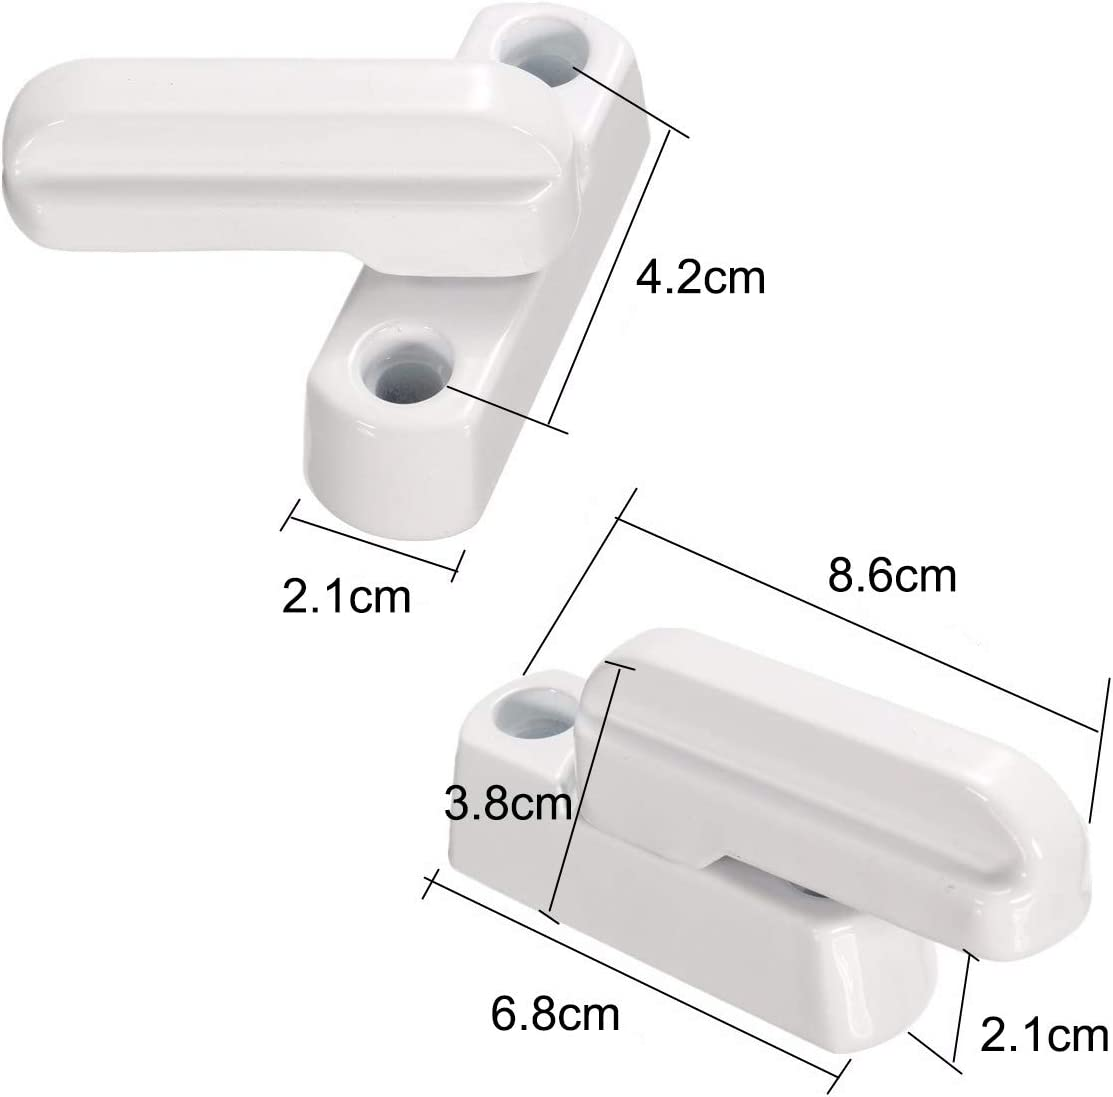 4 unidades de cierre de seguridad para ventana limitador giratorio extra Sash Jammer color blanco cierre adicional para ventana forma de T aleaci/ón de zinc cierre de seguridad